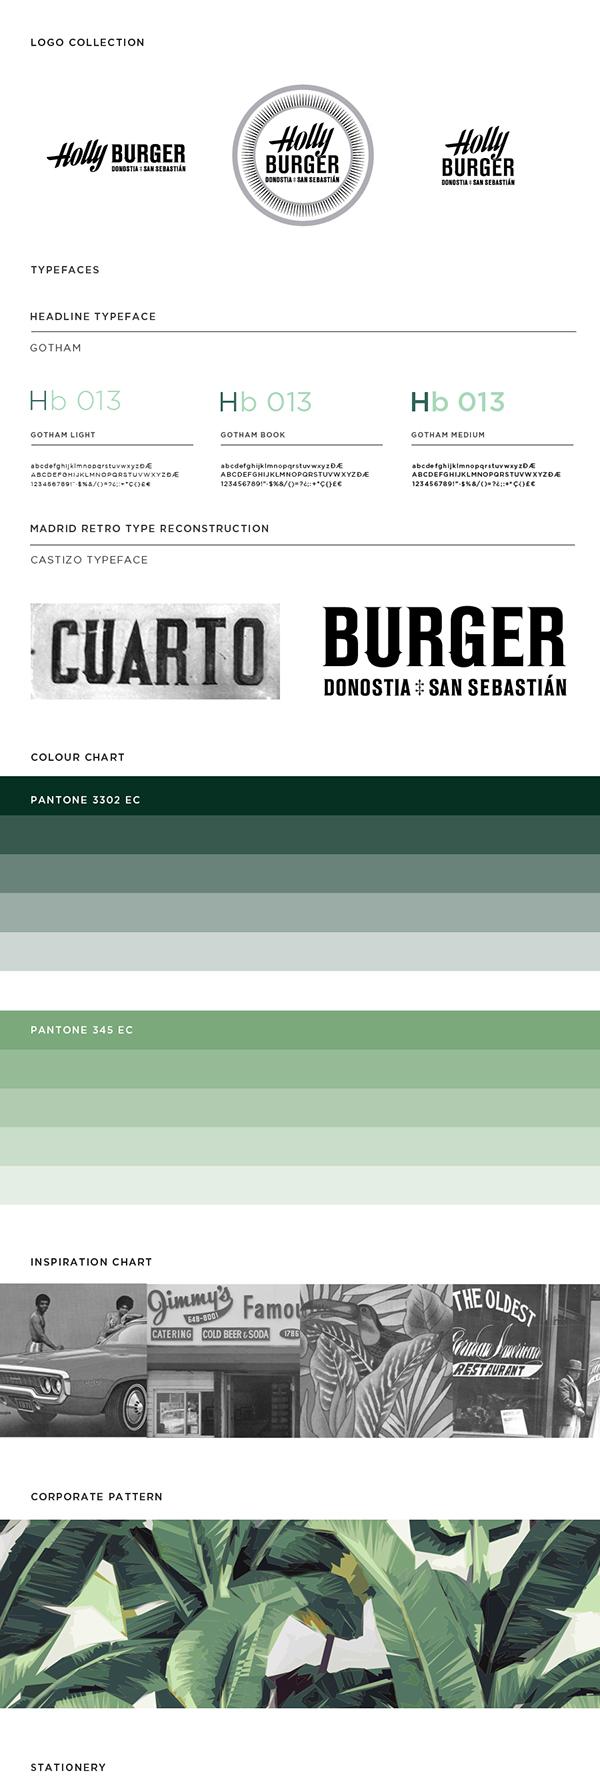 Holly Burger menu Manuel Astorga rodrigo aguade we are mast  mast  wearemast rodrigoaguade Classic logo flyer restaurant